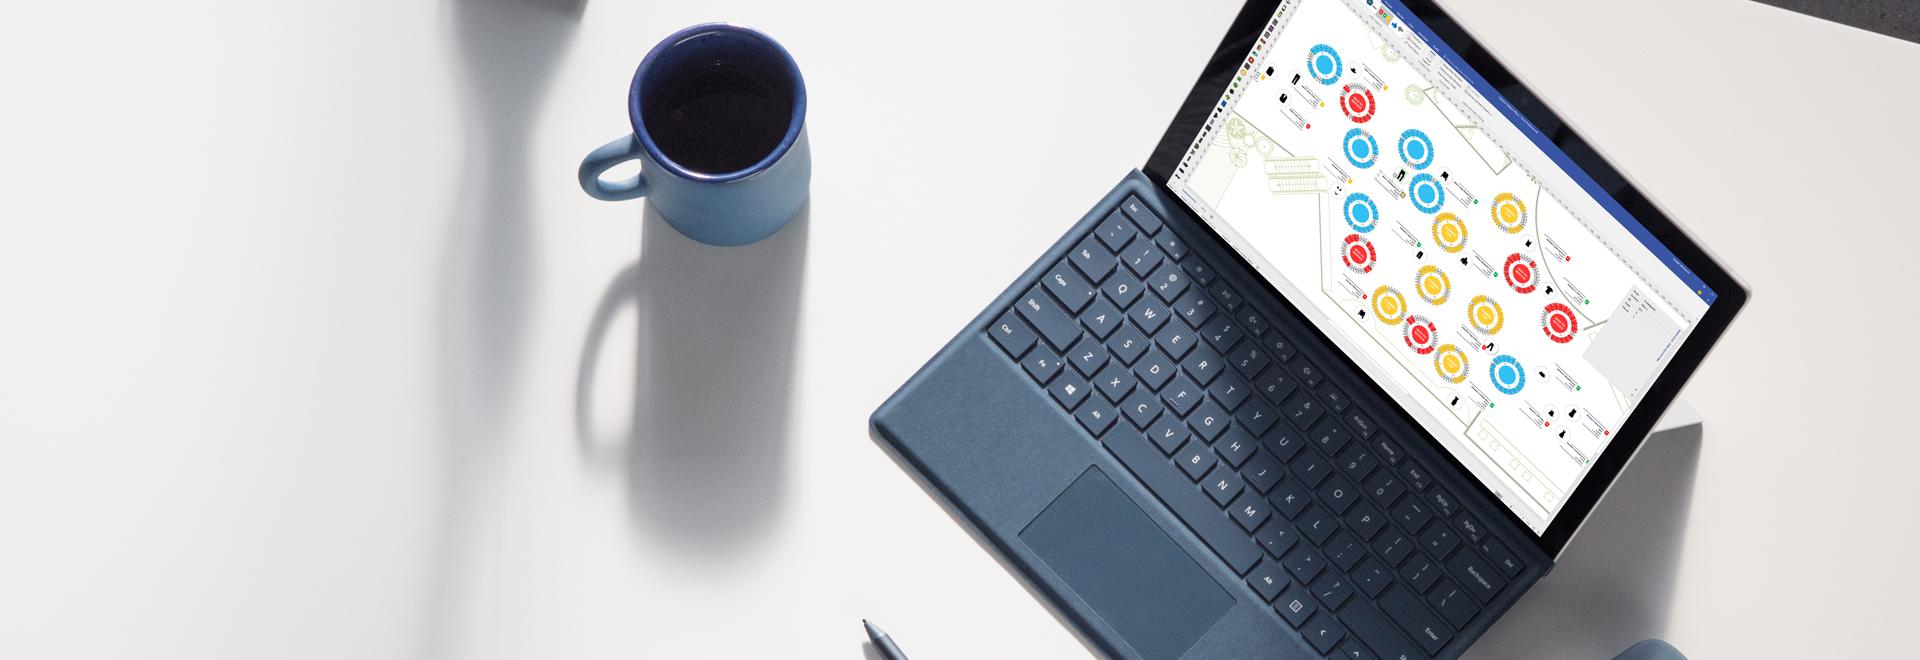 Laptop menampilkan diagram alur kerja proses di Visio